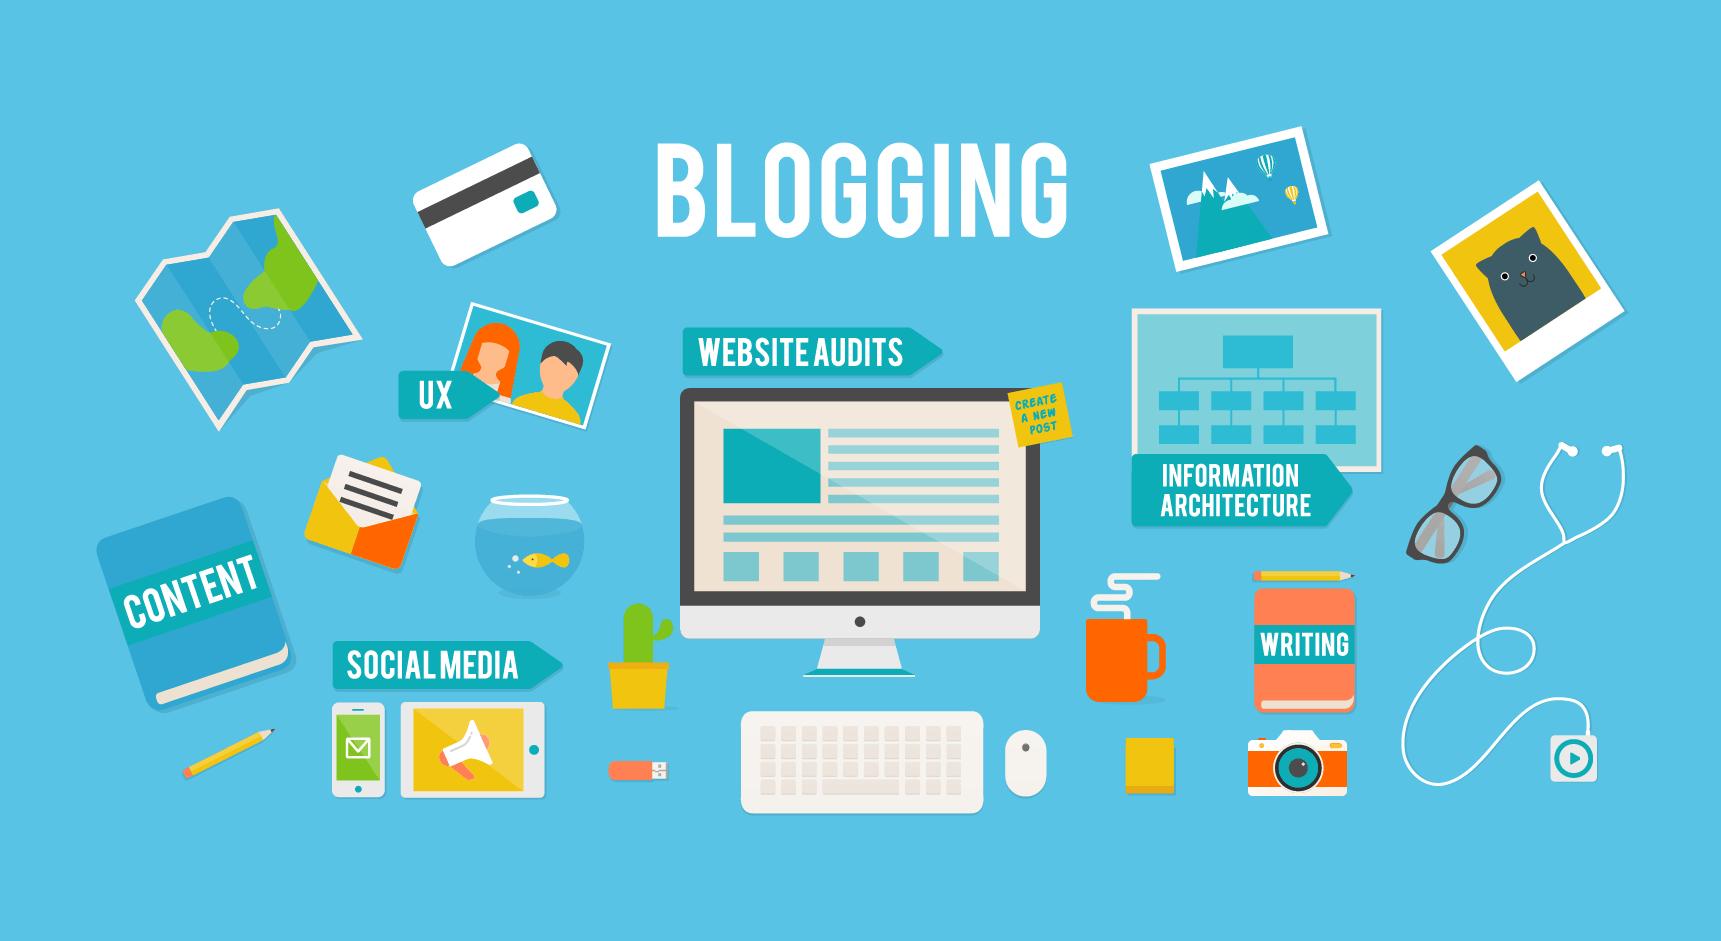 Nguyên tắc phát triển Blog hiệu quả